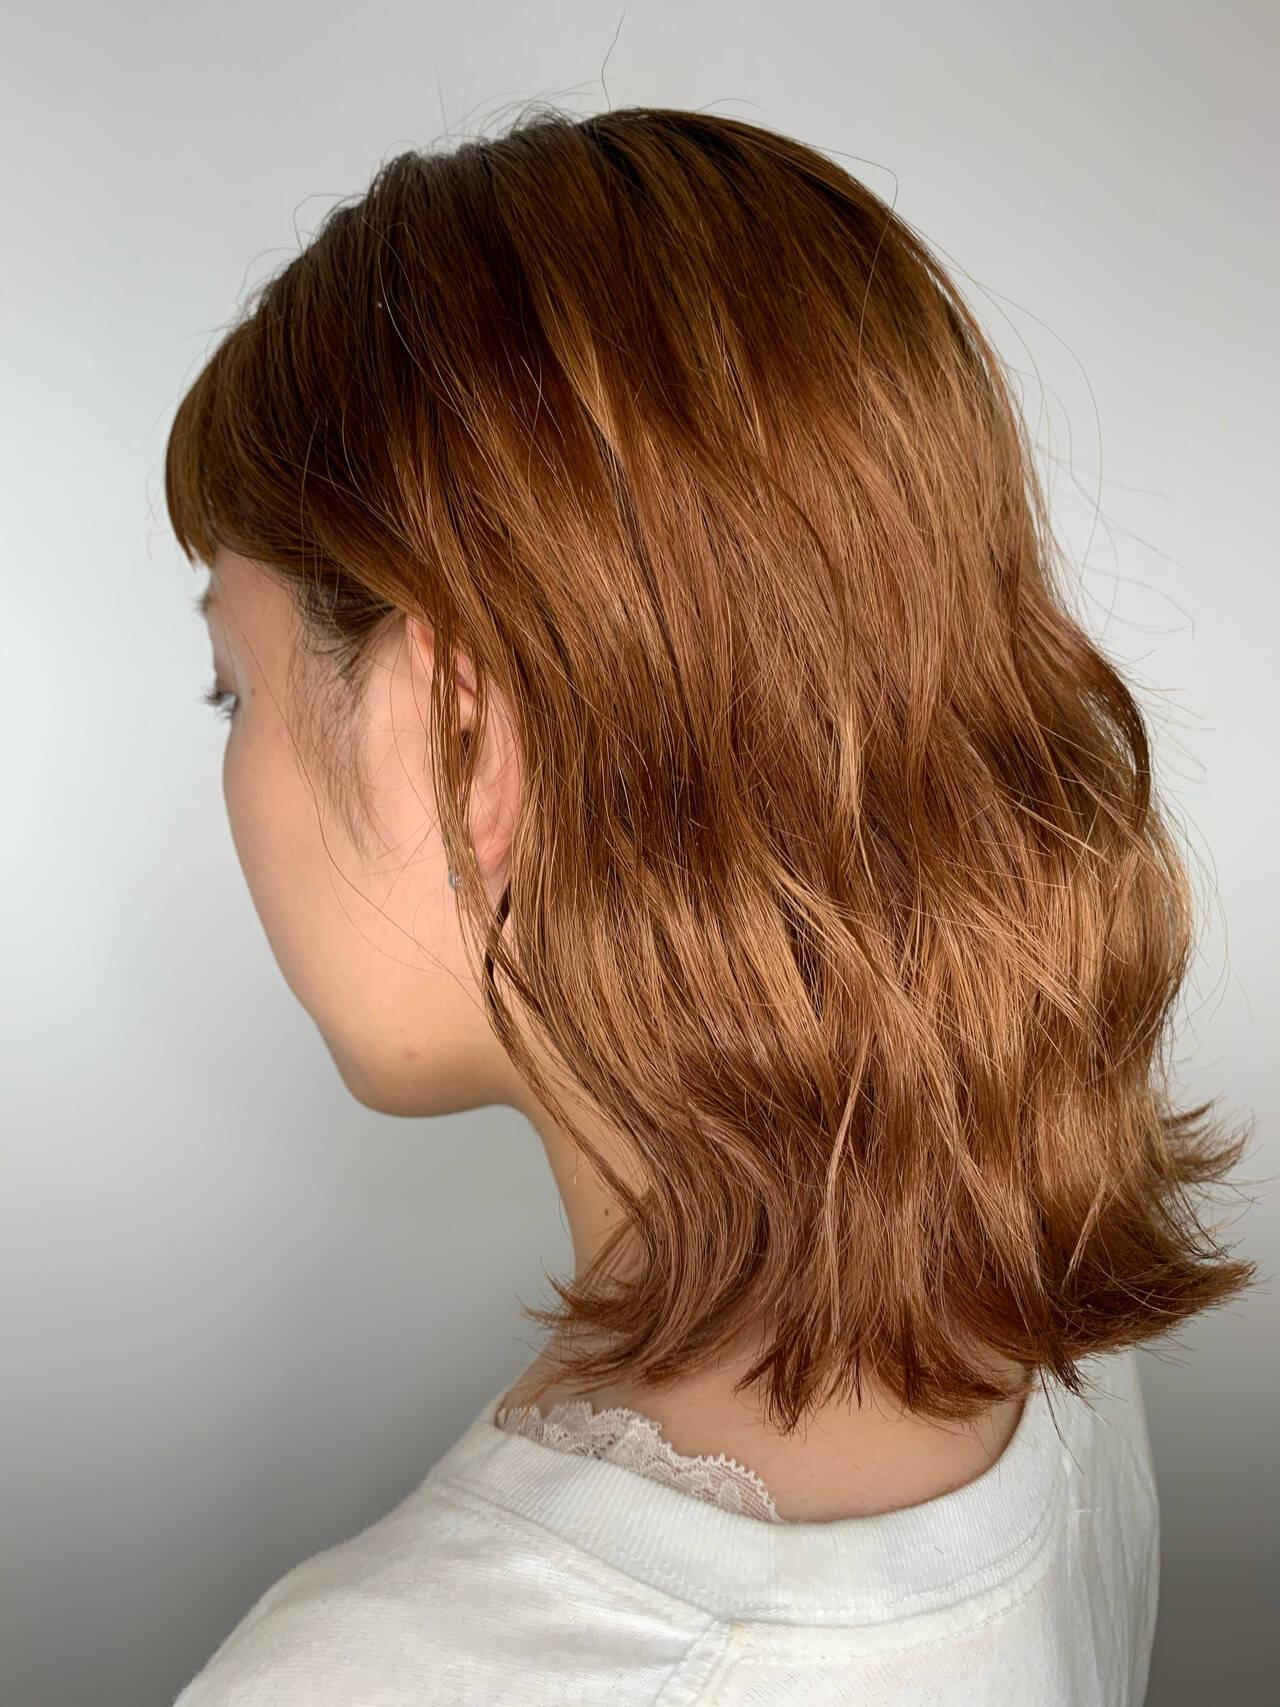 アプリコットオレンジ オレンジブラウン オレンジカラー ミディアムヘアスタイルや髪型の写真・画像